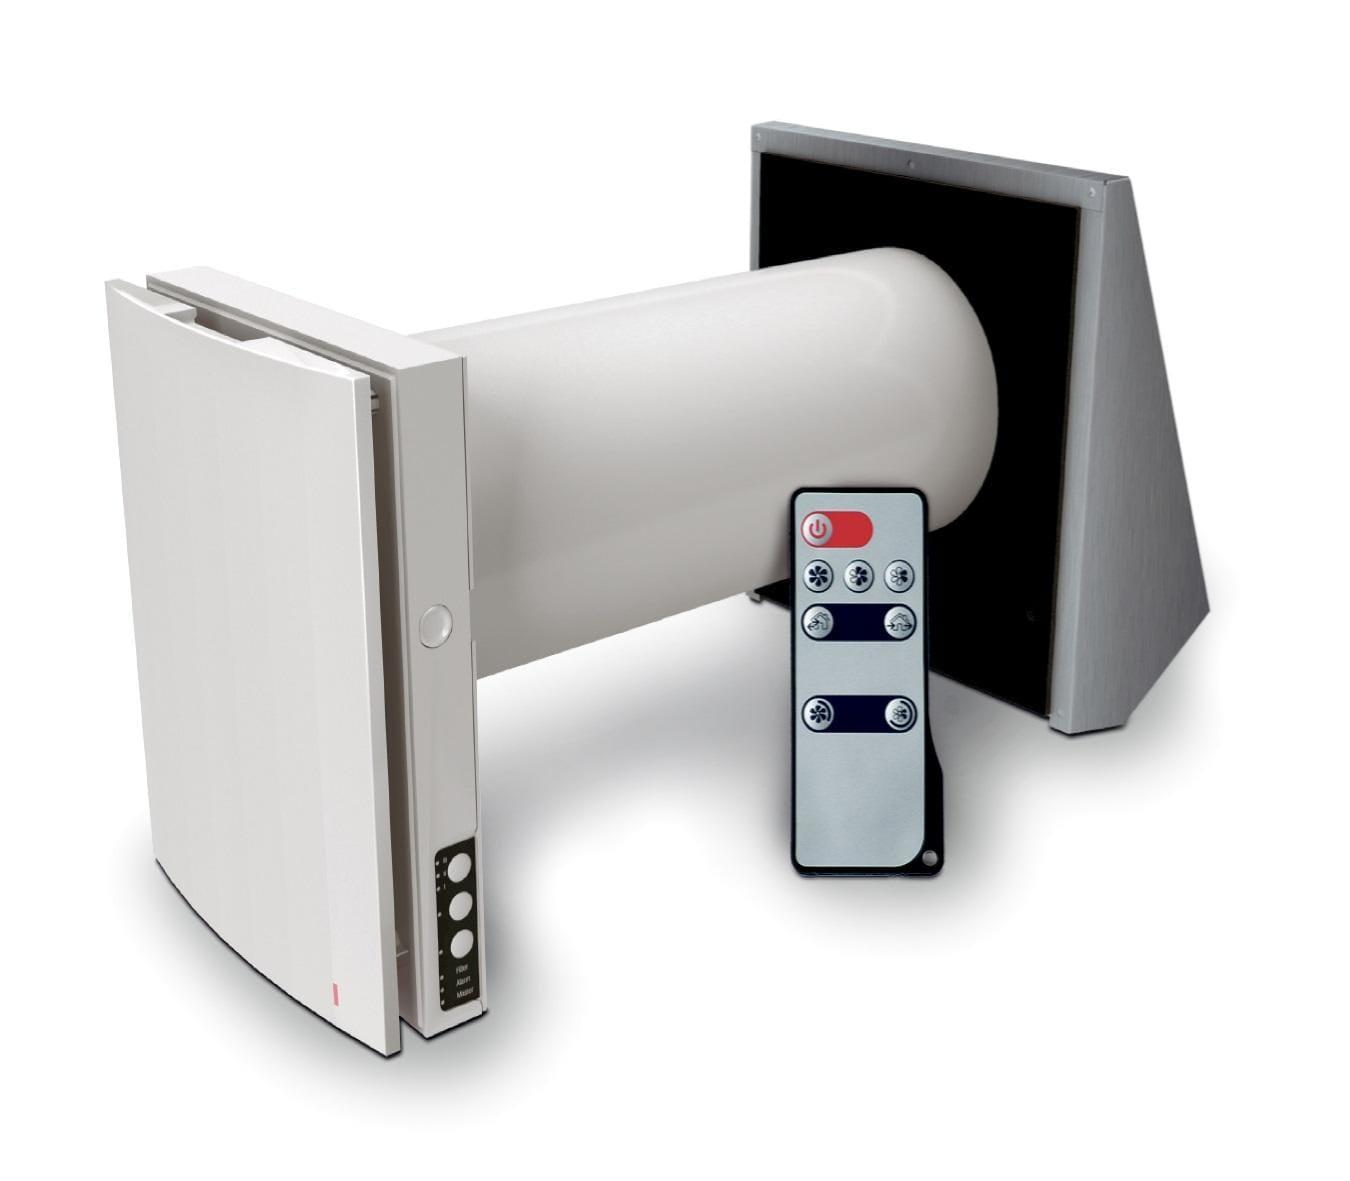 Frisk frugt Køb Duka One Pro Remote et-rums varmegenvinding Ø160 mm 358882162 IN56